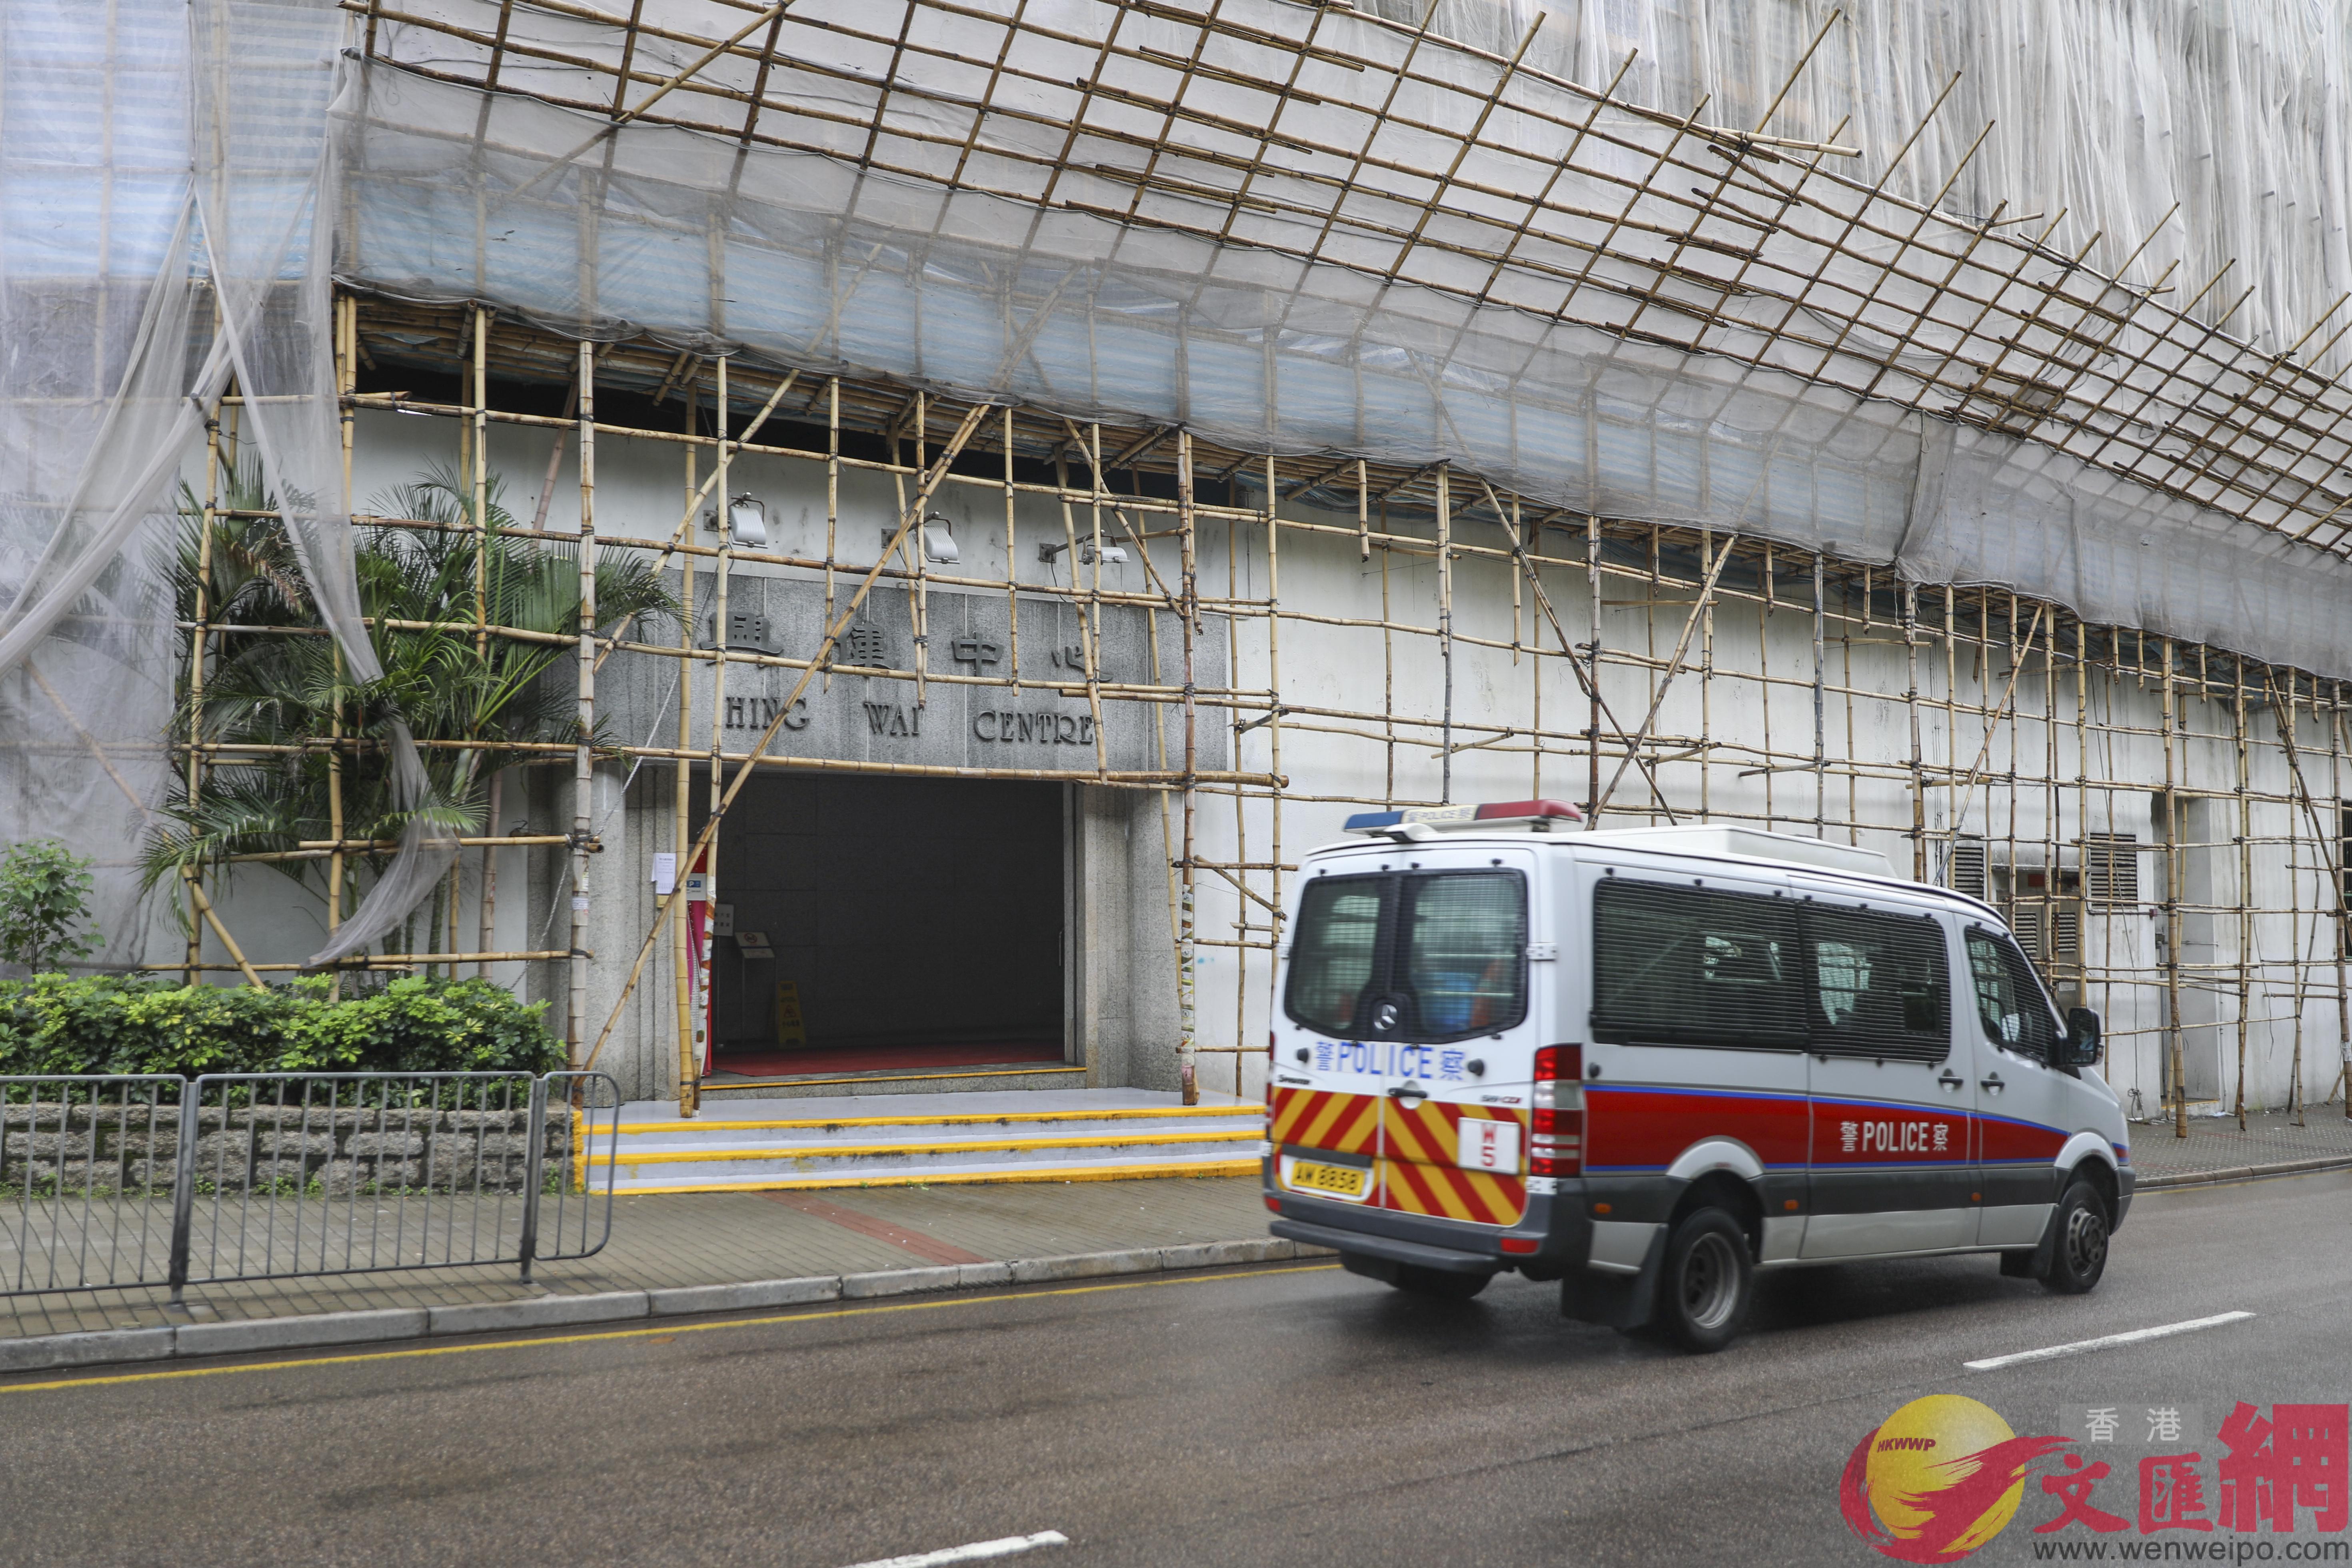 一輛衝鋒車停泊在大文集團辦公大樓正門附近(全媒體記者李斯哲攝)